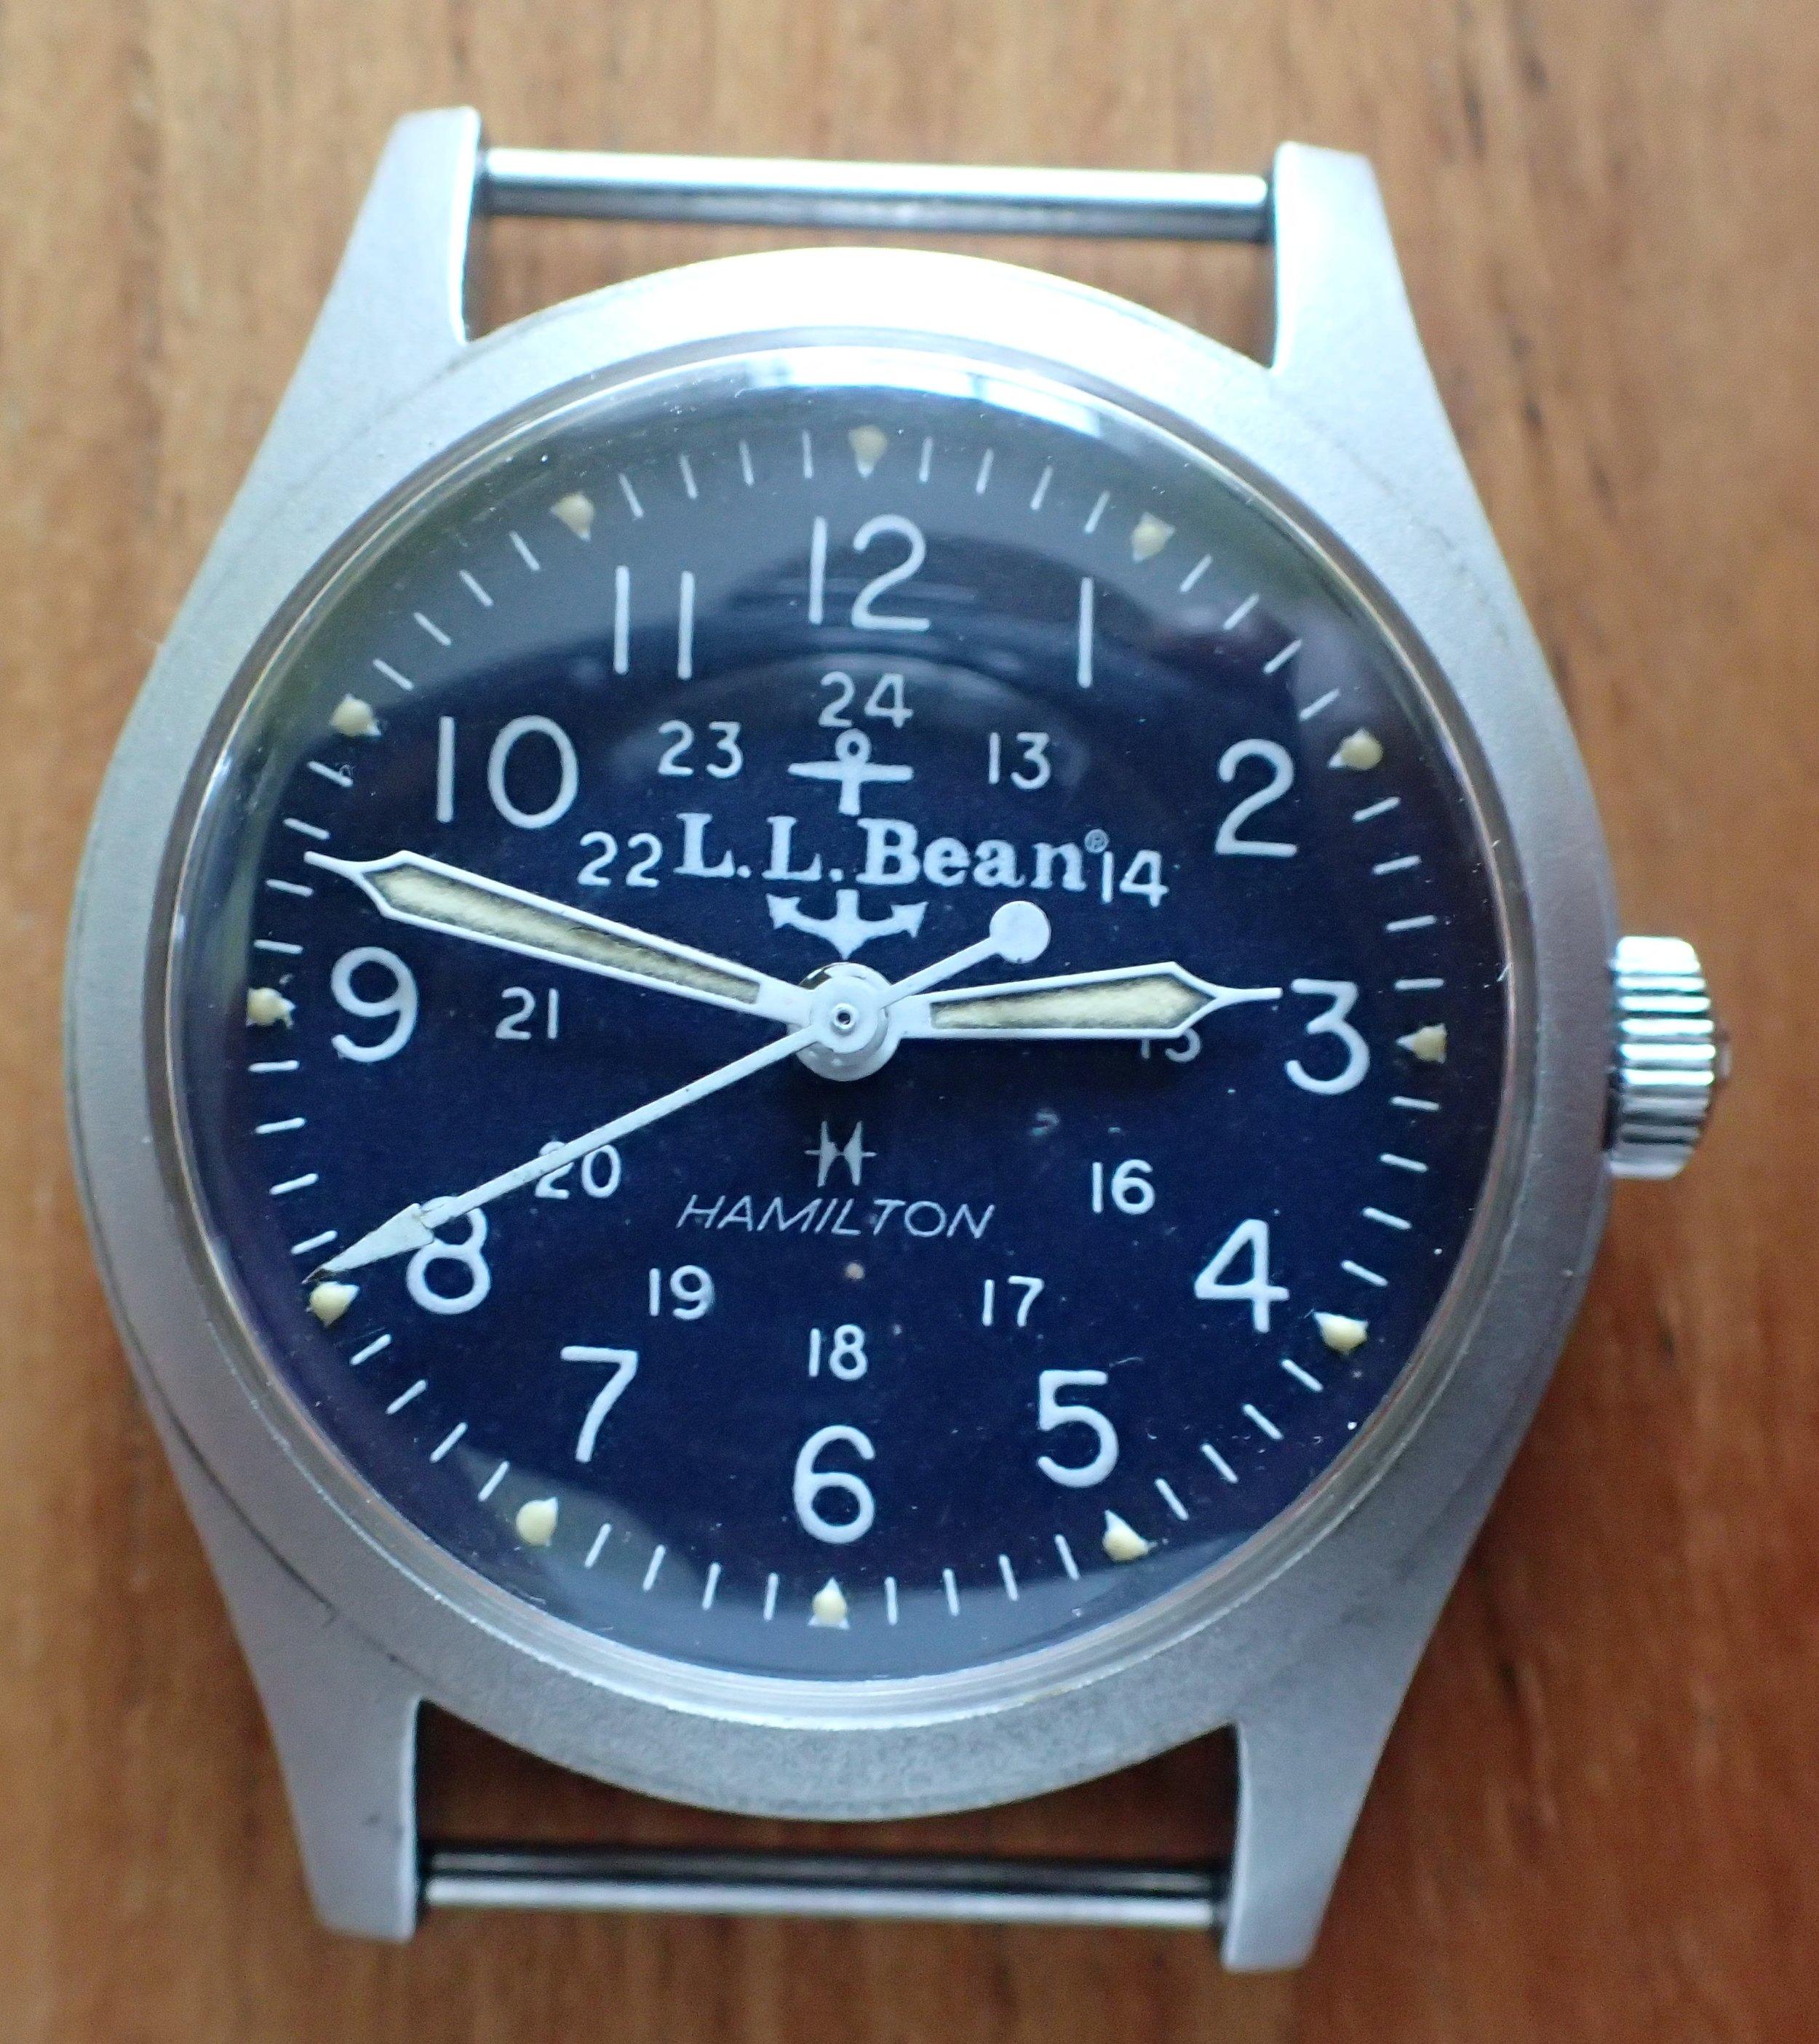 The Hamilton 9219 LL Bean blue anchor-dialed watch.